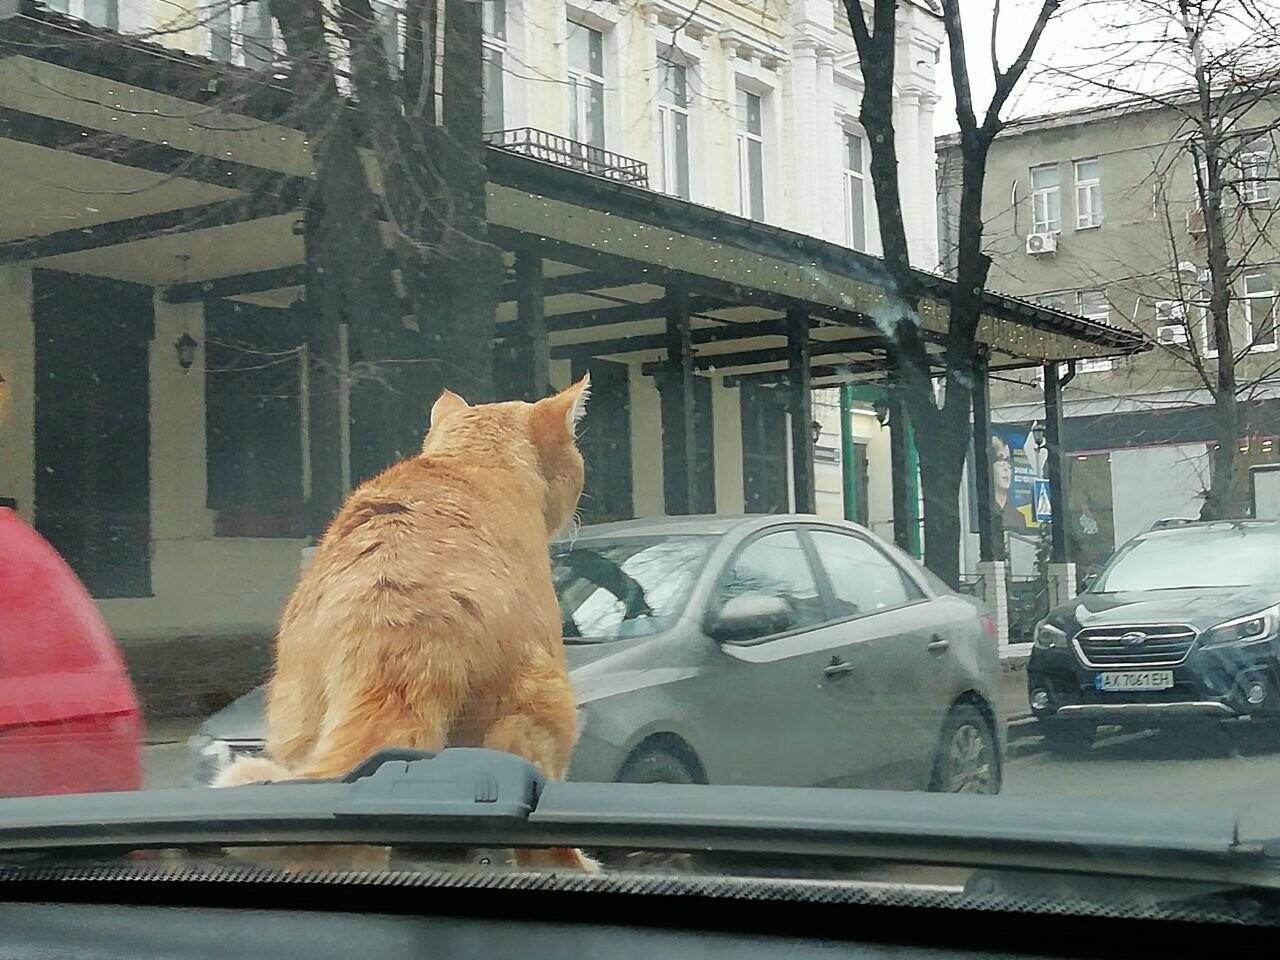 Поездка с котом и большие чаевые. Как харьковский таксист с питомцем возит пассажиров, - ФОТО, фото-12